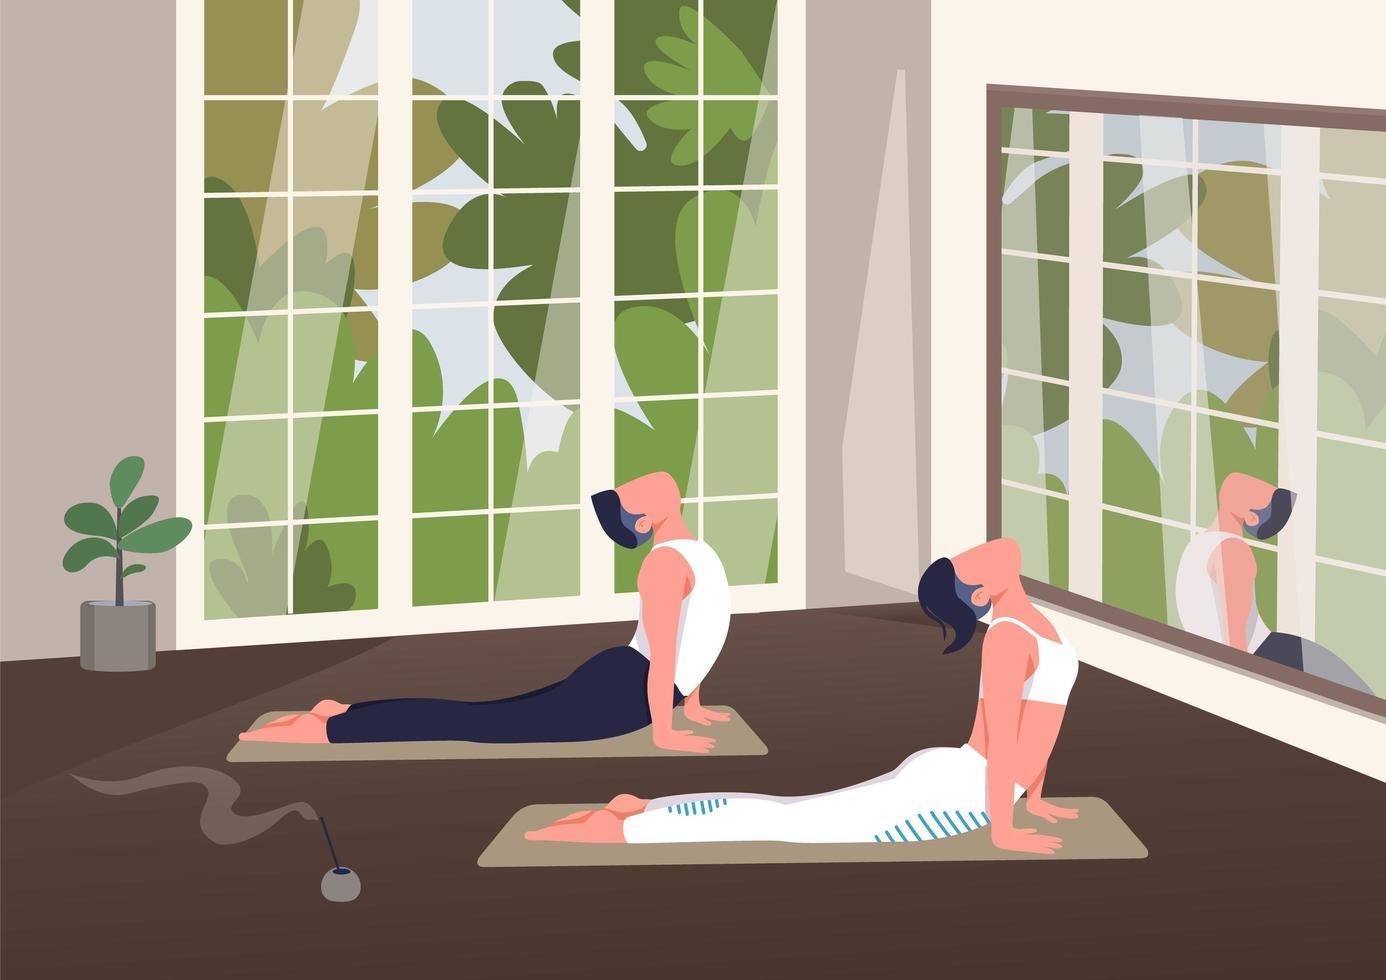 lezione di yoga al coperto vettore